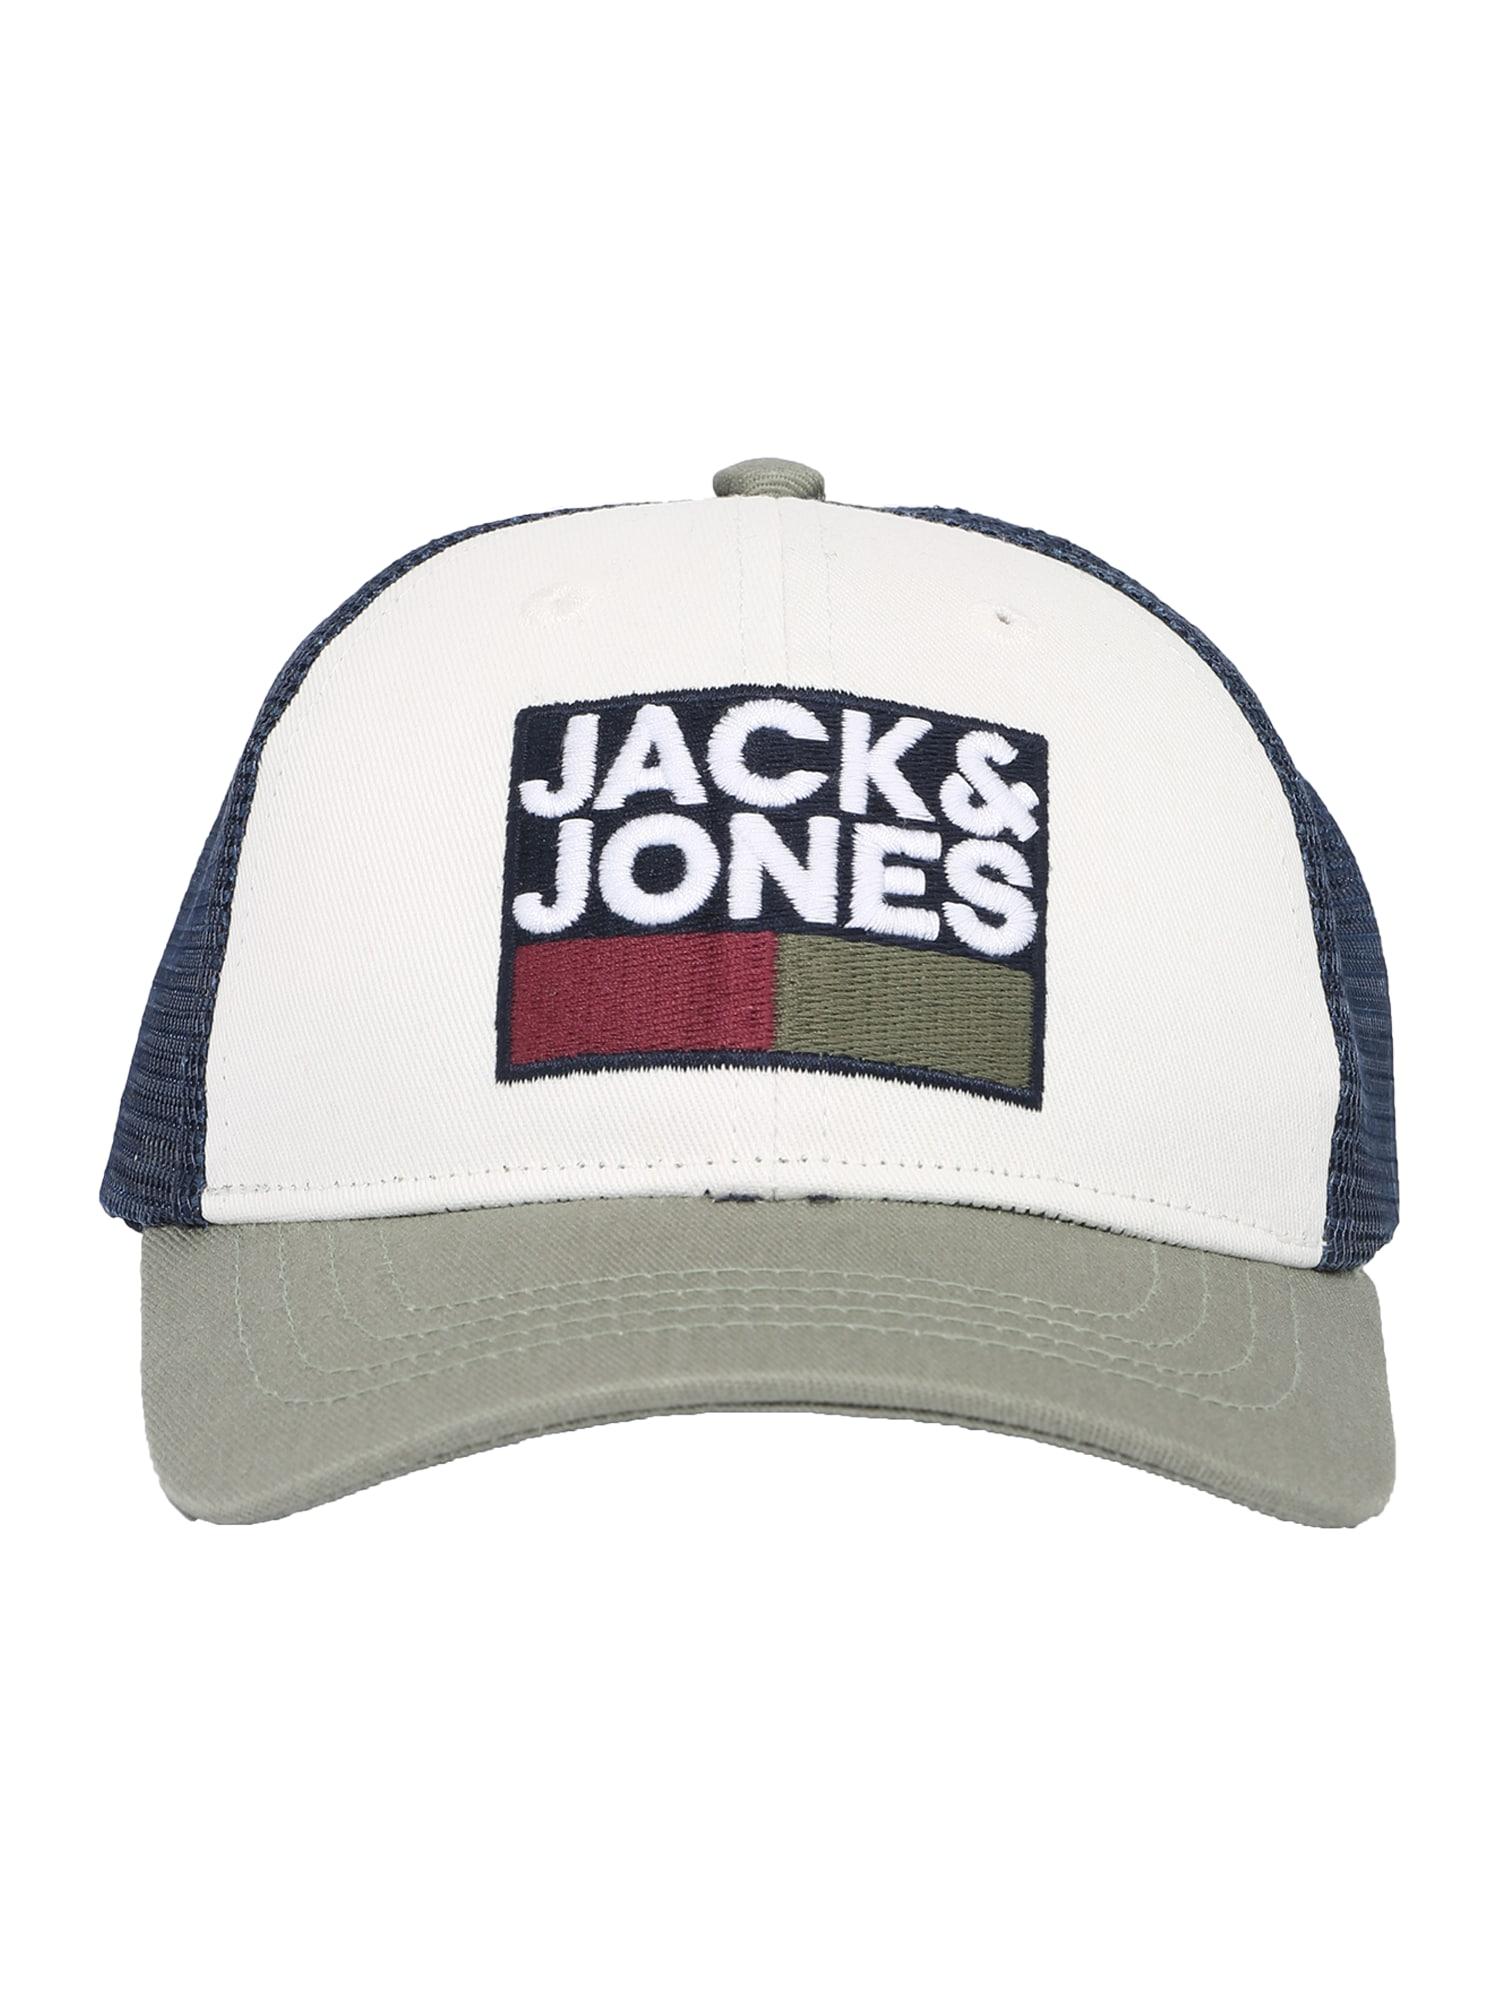 Jack & Jones Junior Skrybėlaitė šviesiai žalia / balta / tamsiai mėlyna / tamsiai raudona